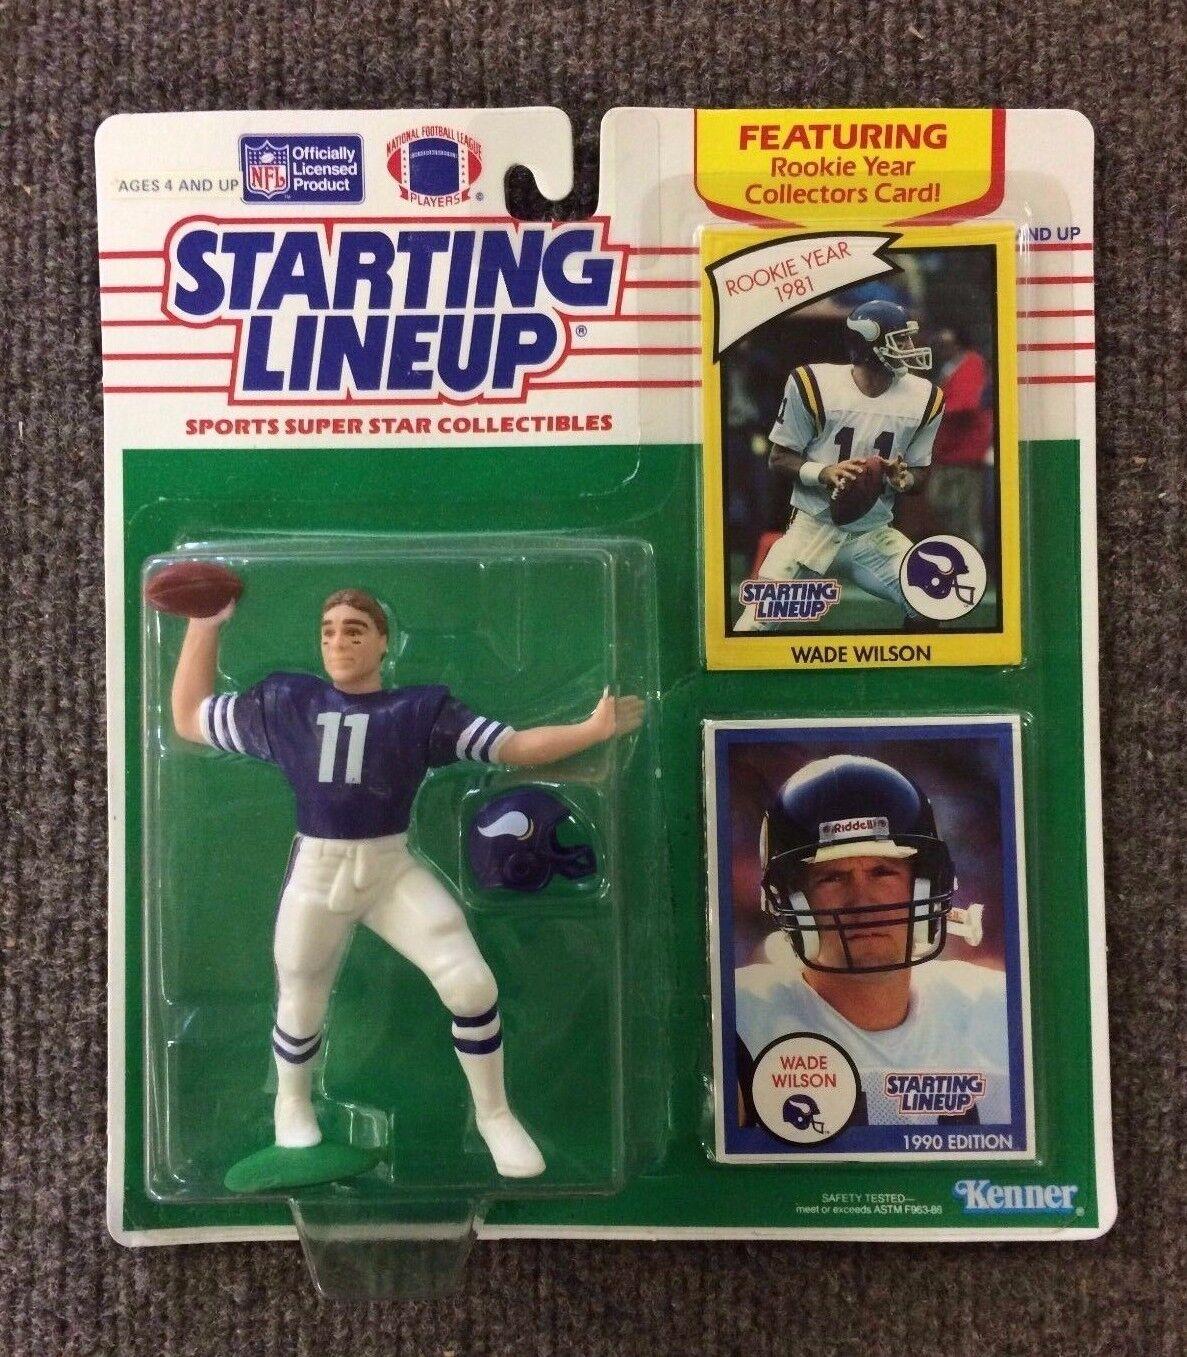 RARE 1990 Wade  Wilson Minnesota Vires estrellating Lineup SLU Kenner Collectibles  ordina ora con grande sconto e consegna gratuita